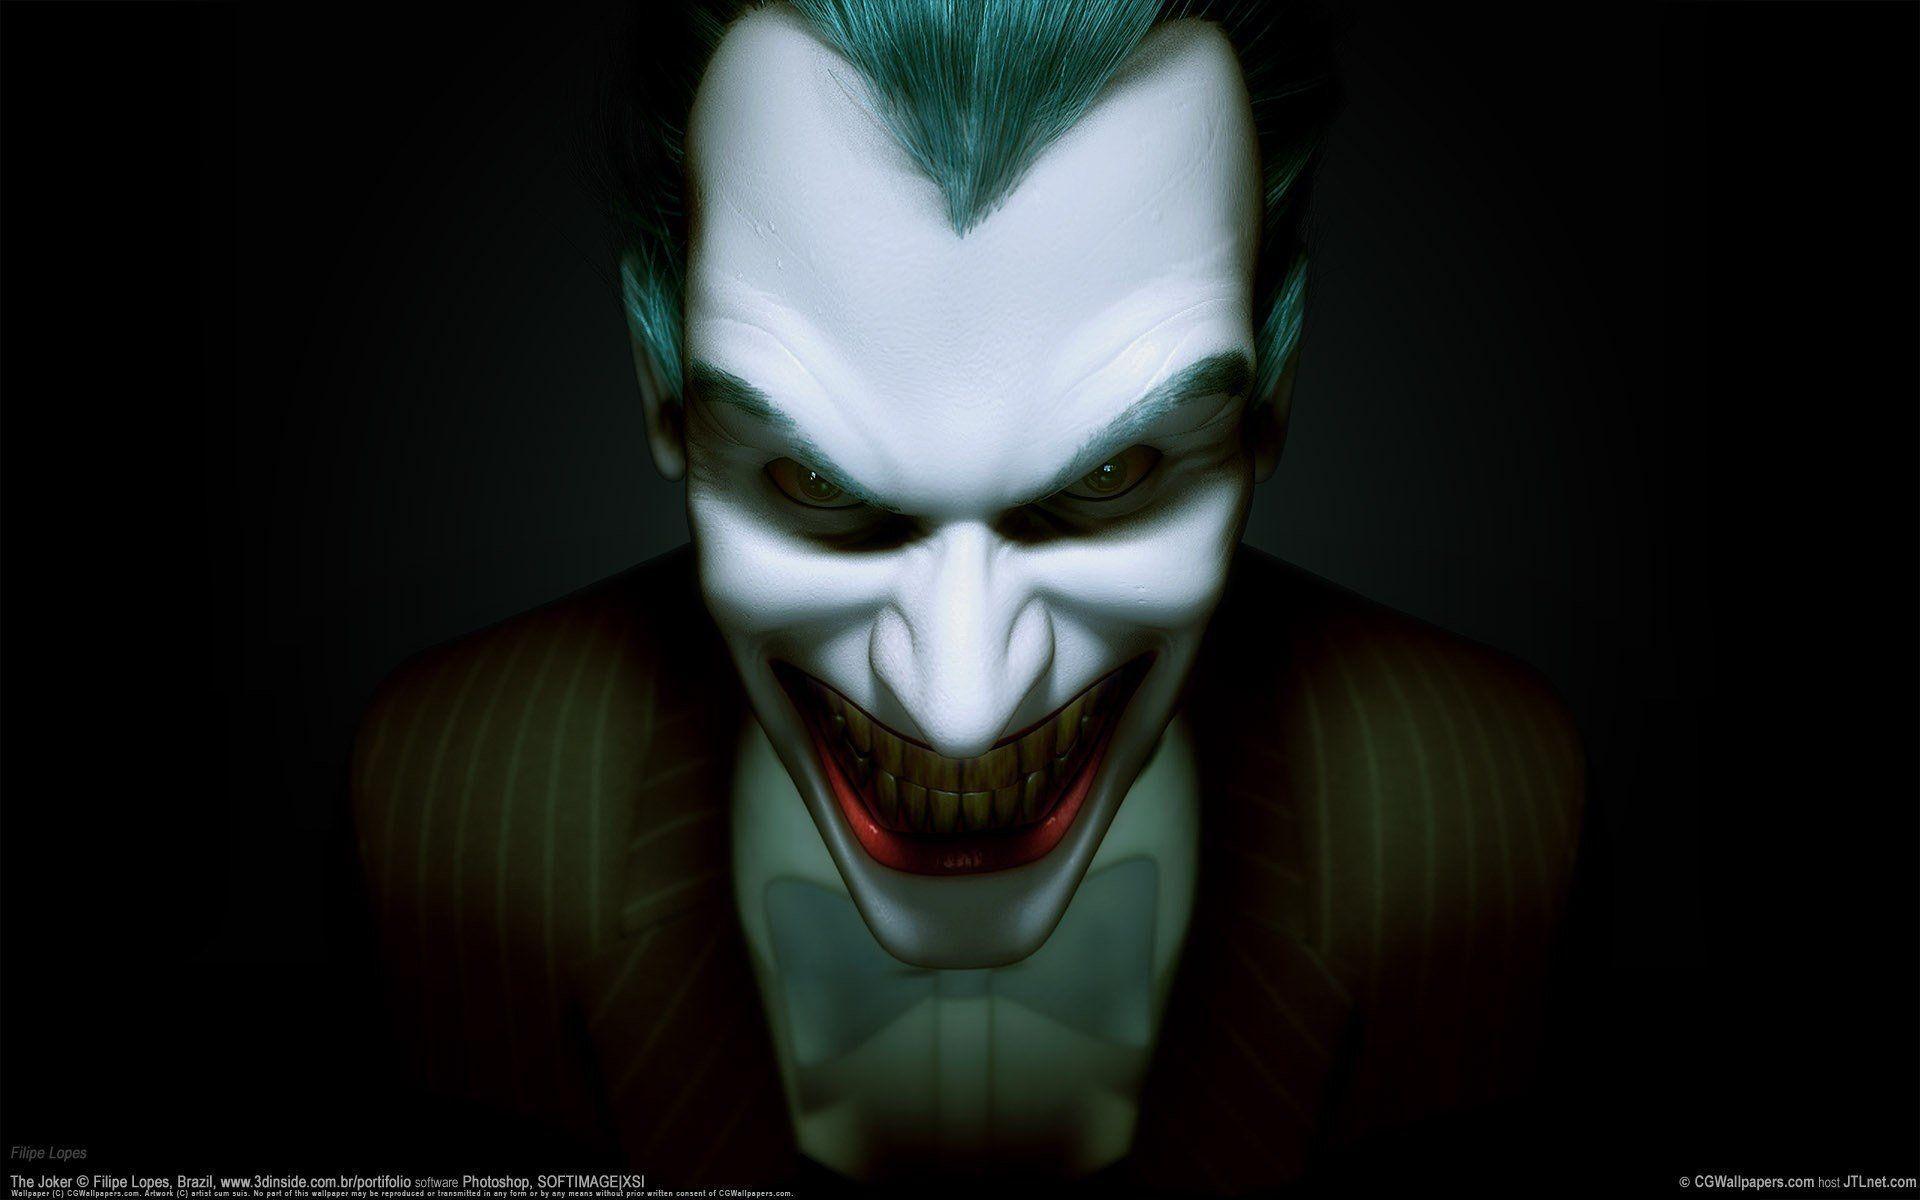 Joker 4k Ultra Hd Wallpapers Top Free Joker 4k Ultra Hd